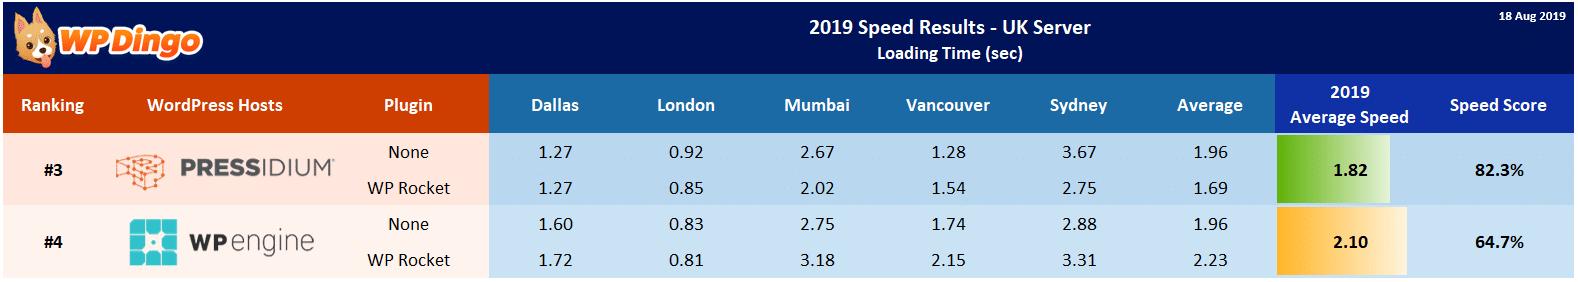 2019 Pressidium vs WP Engine Speed Table - UK Server